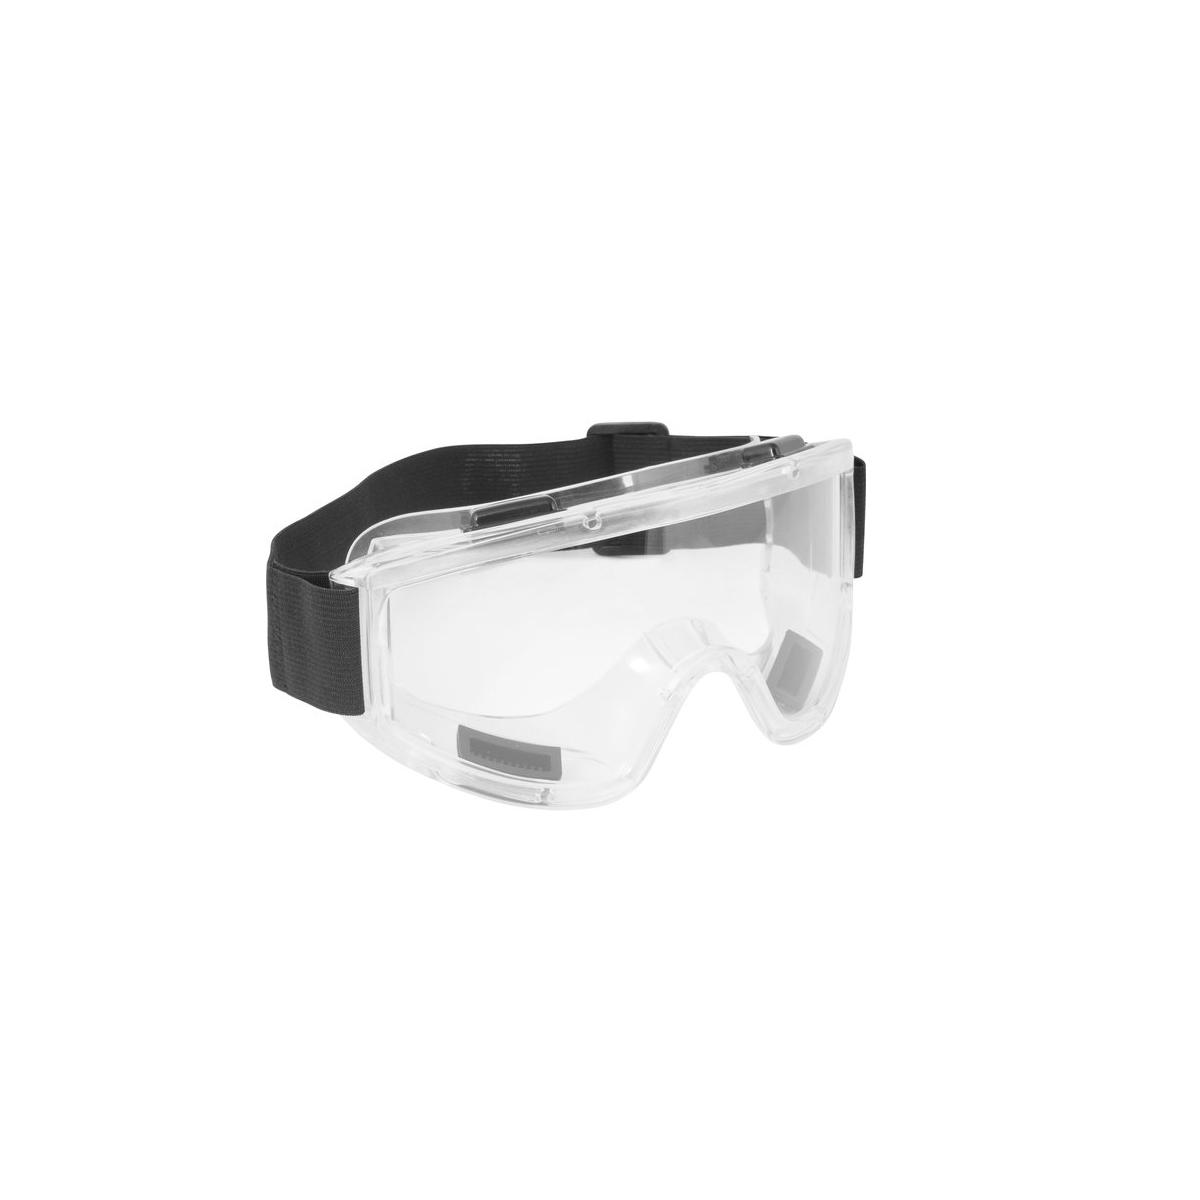 Óculos de segurança ampla visão Splash incolor VONDER